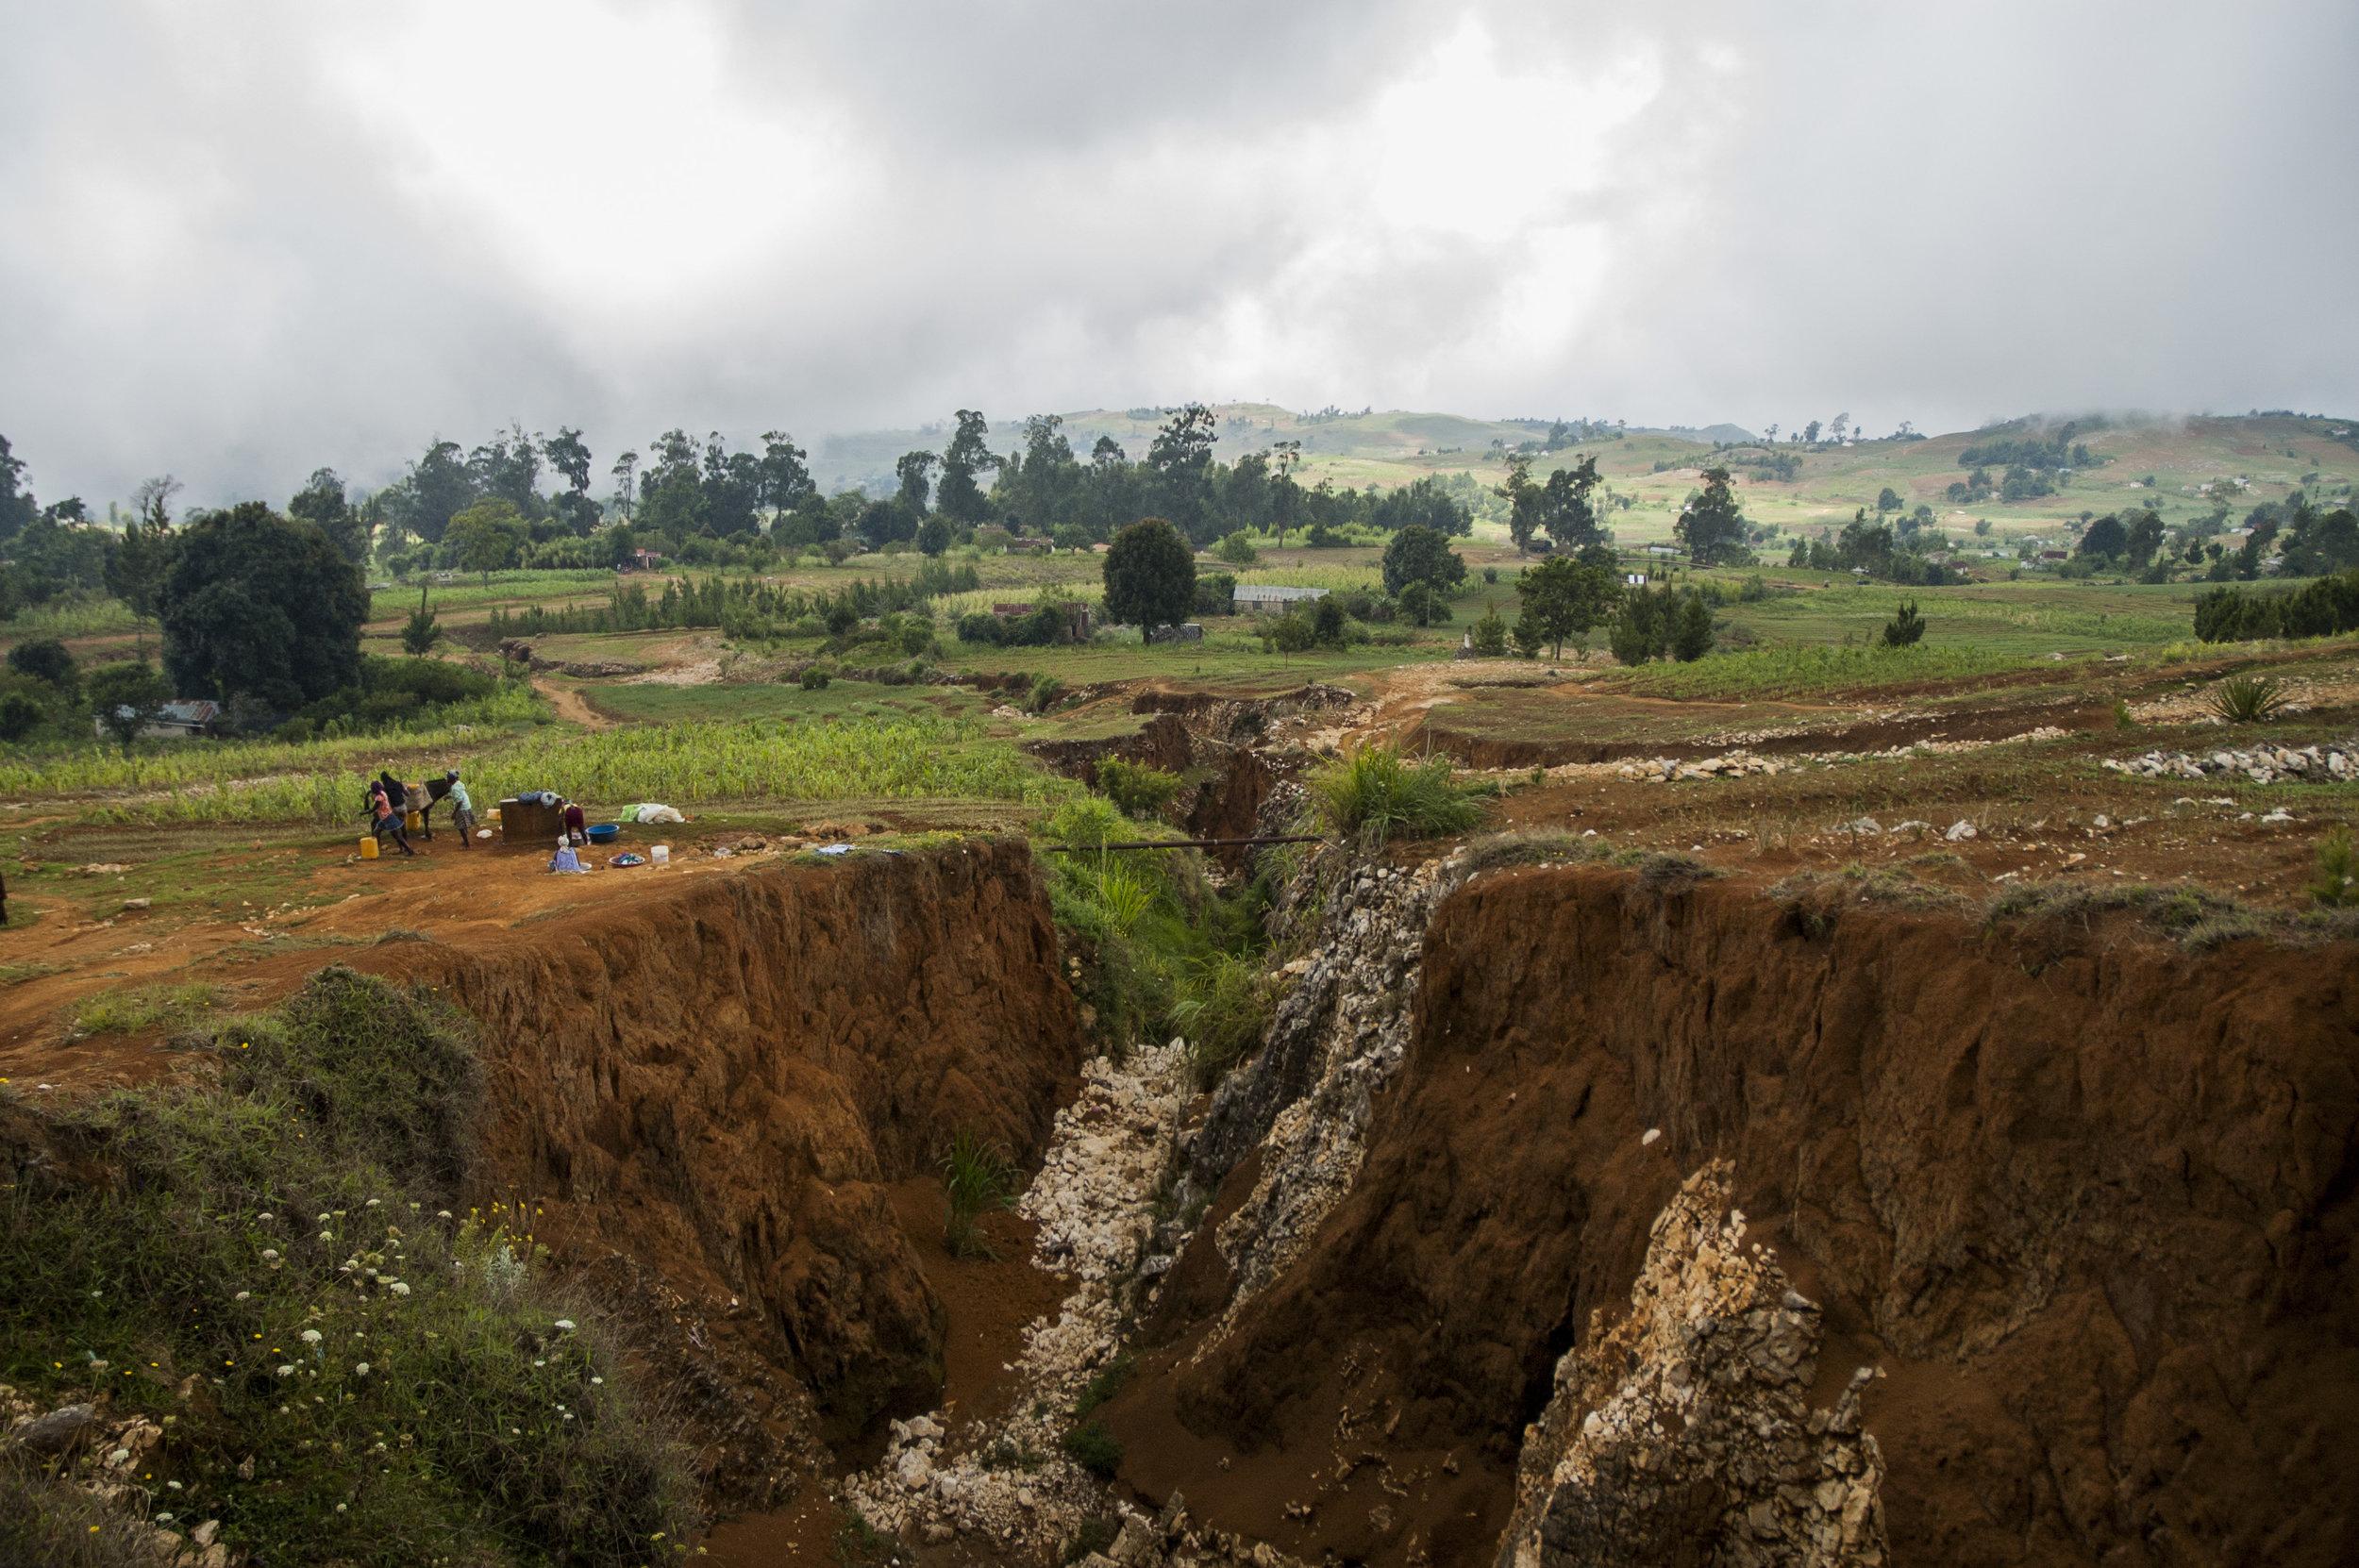 Landscapes carved by erosion due to deforestation